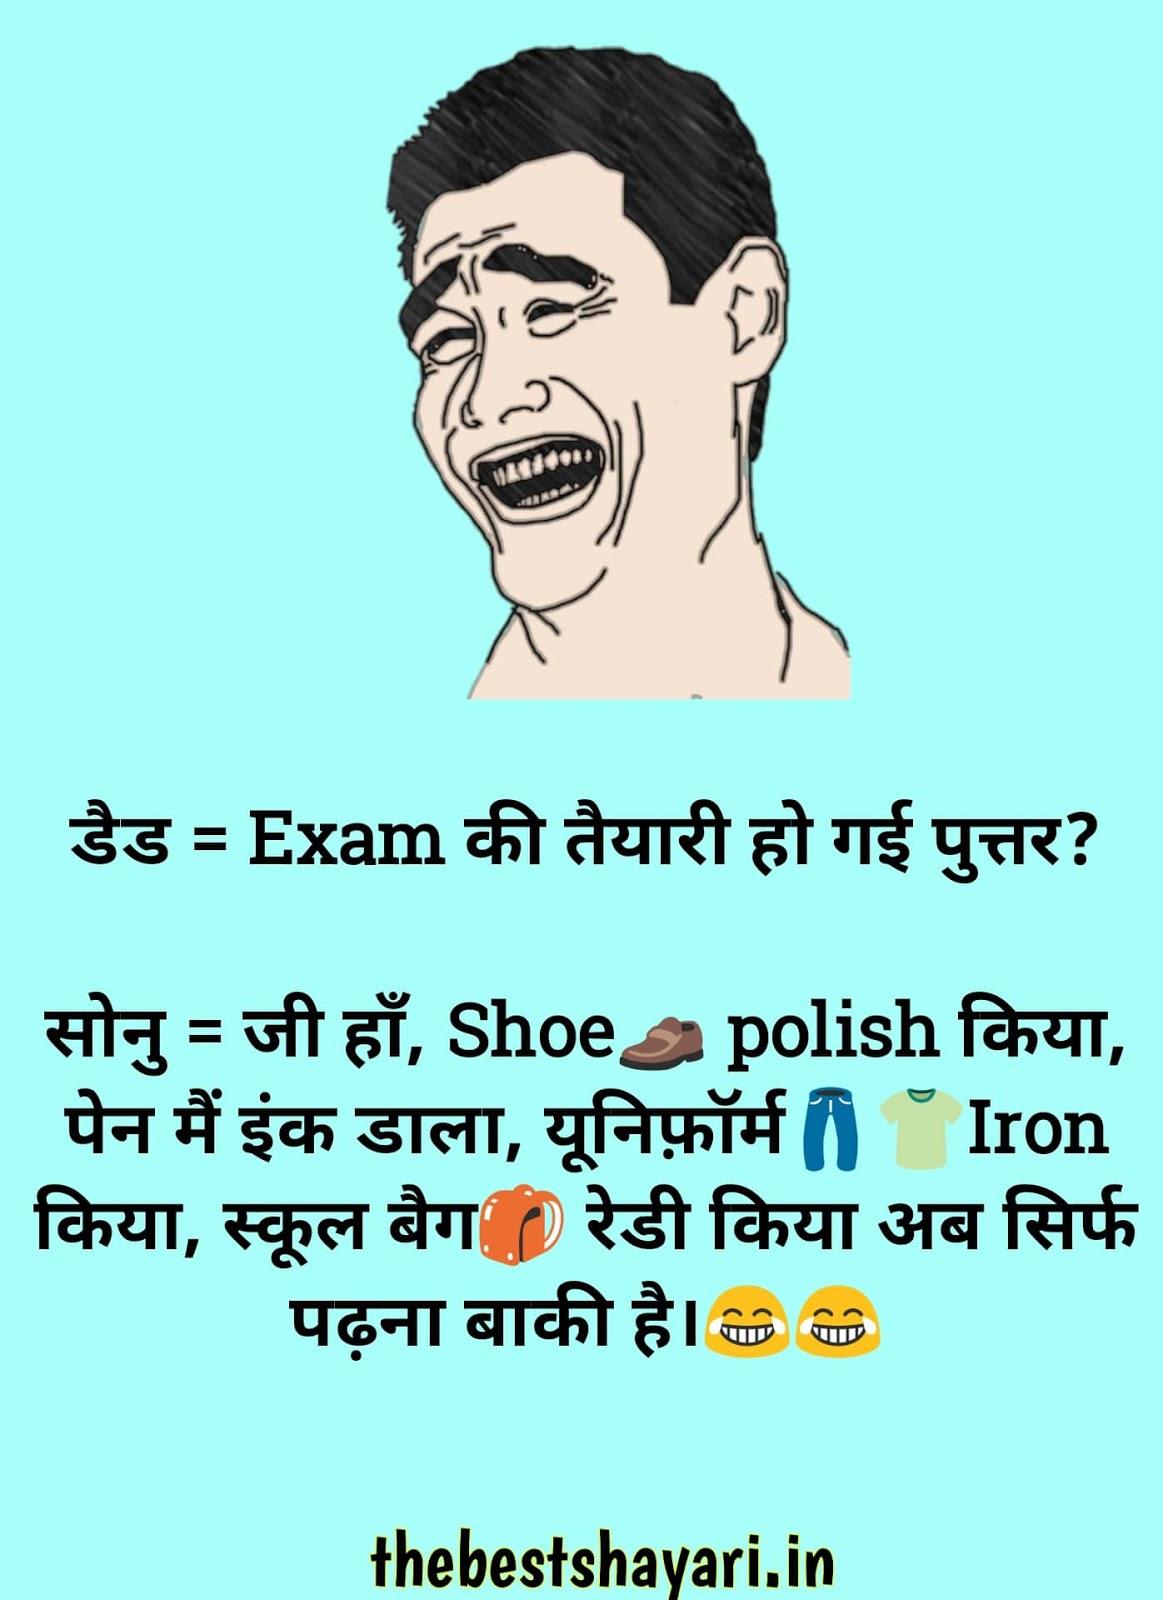 Comedy chutkule hindi mein